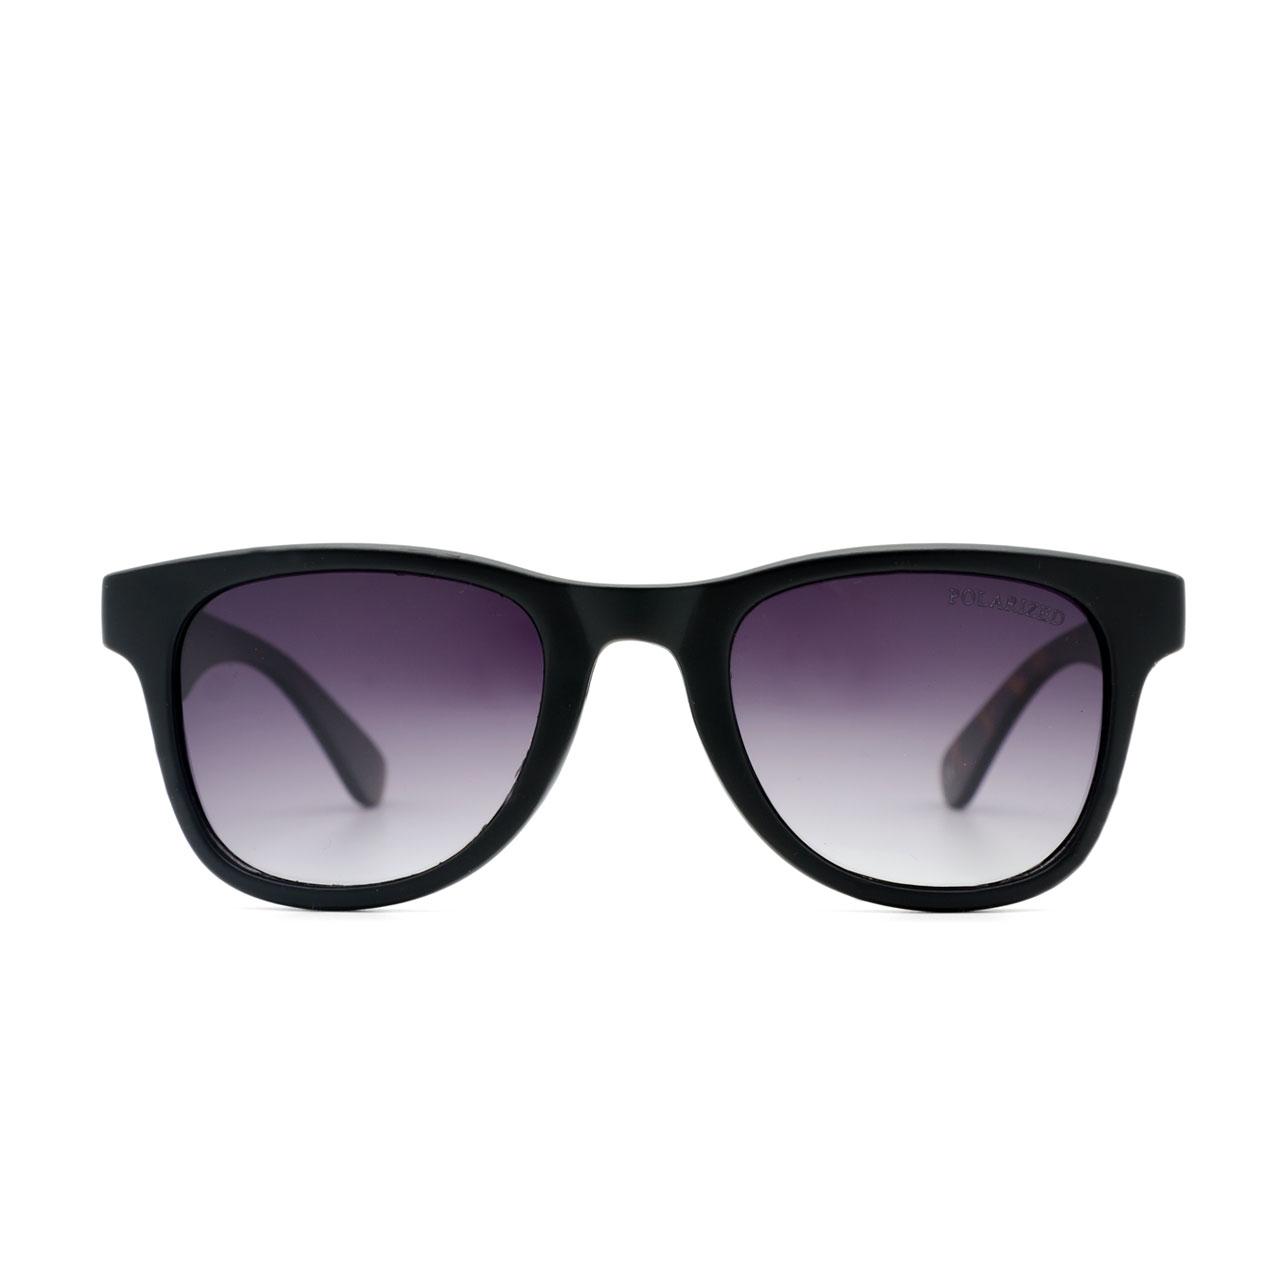 عینک آفتابی ام اند او مدل Palma-c2